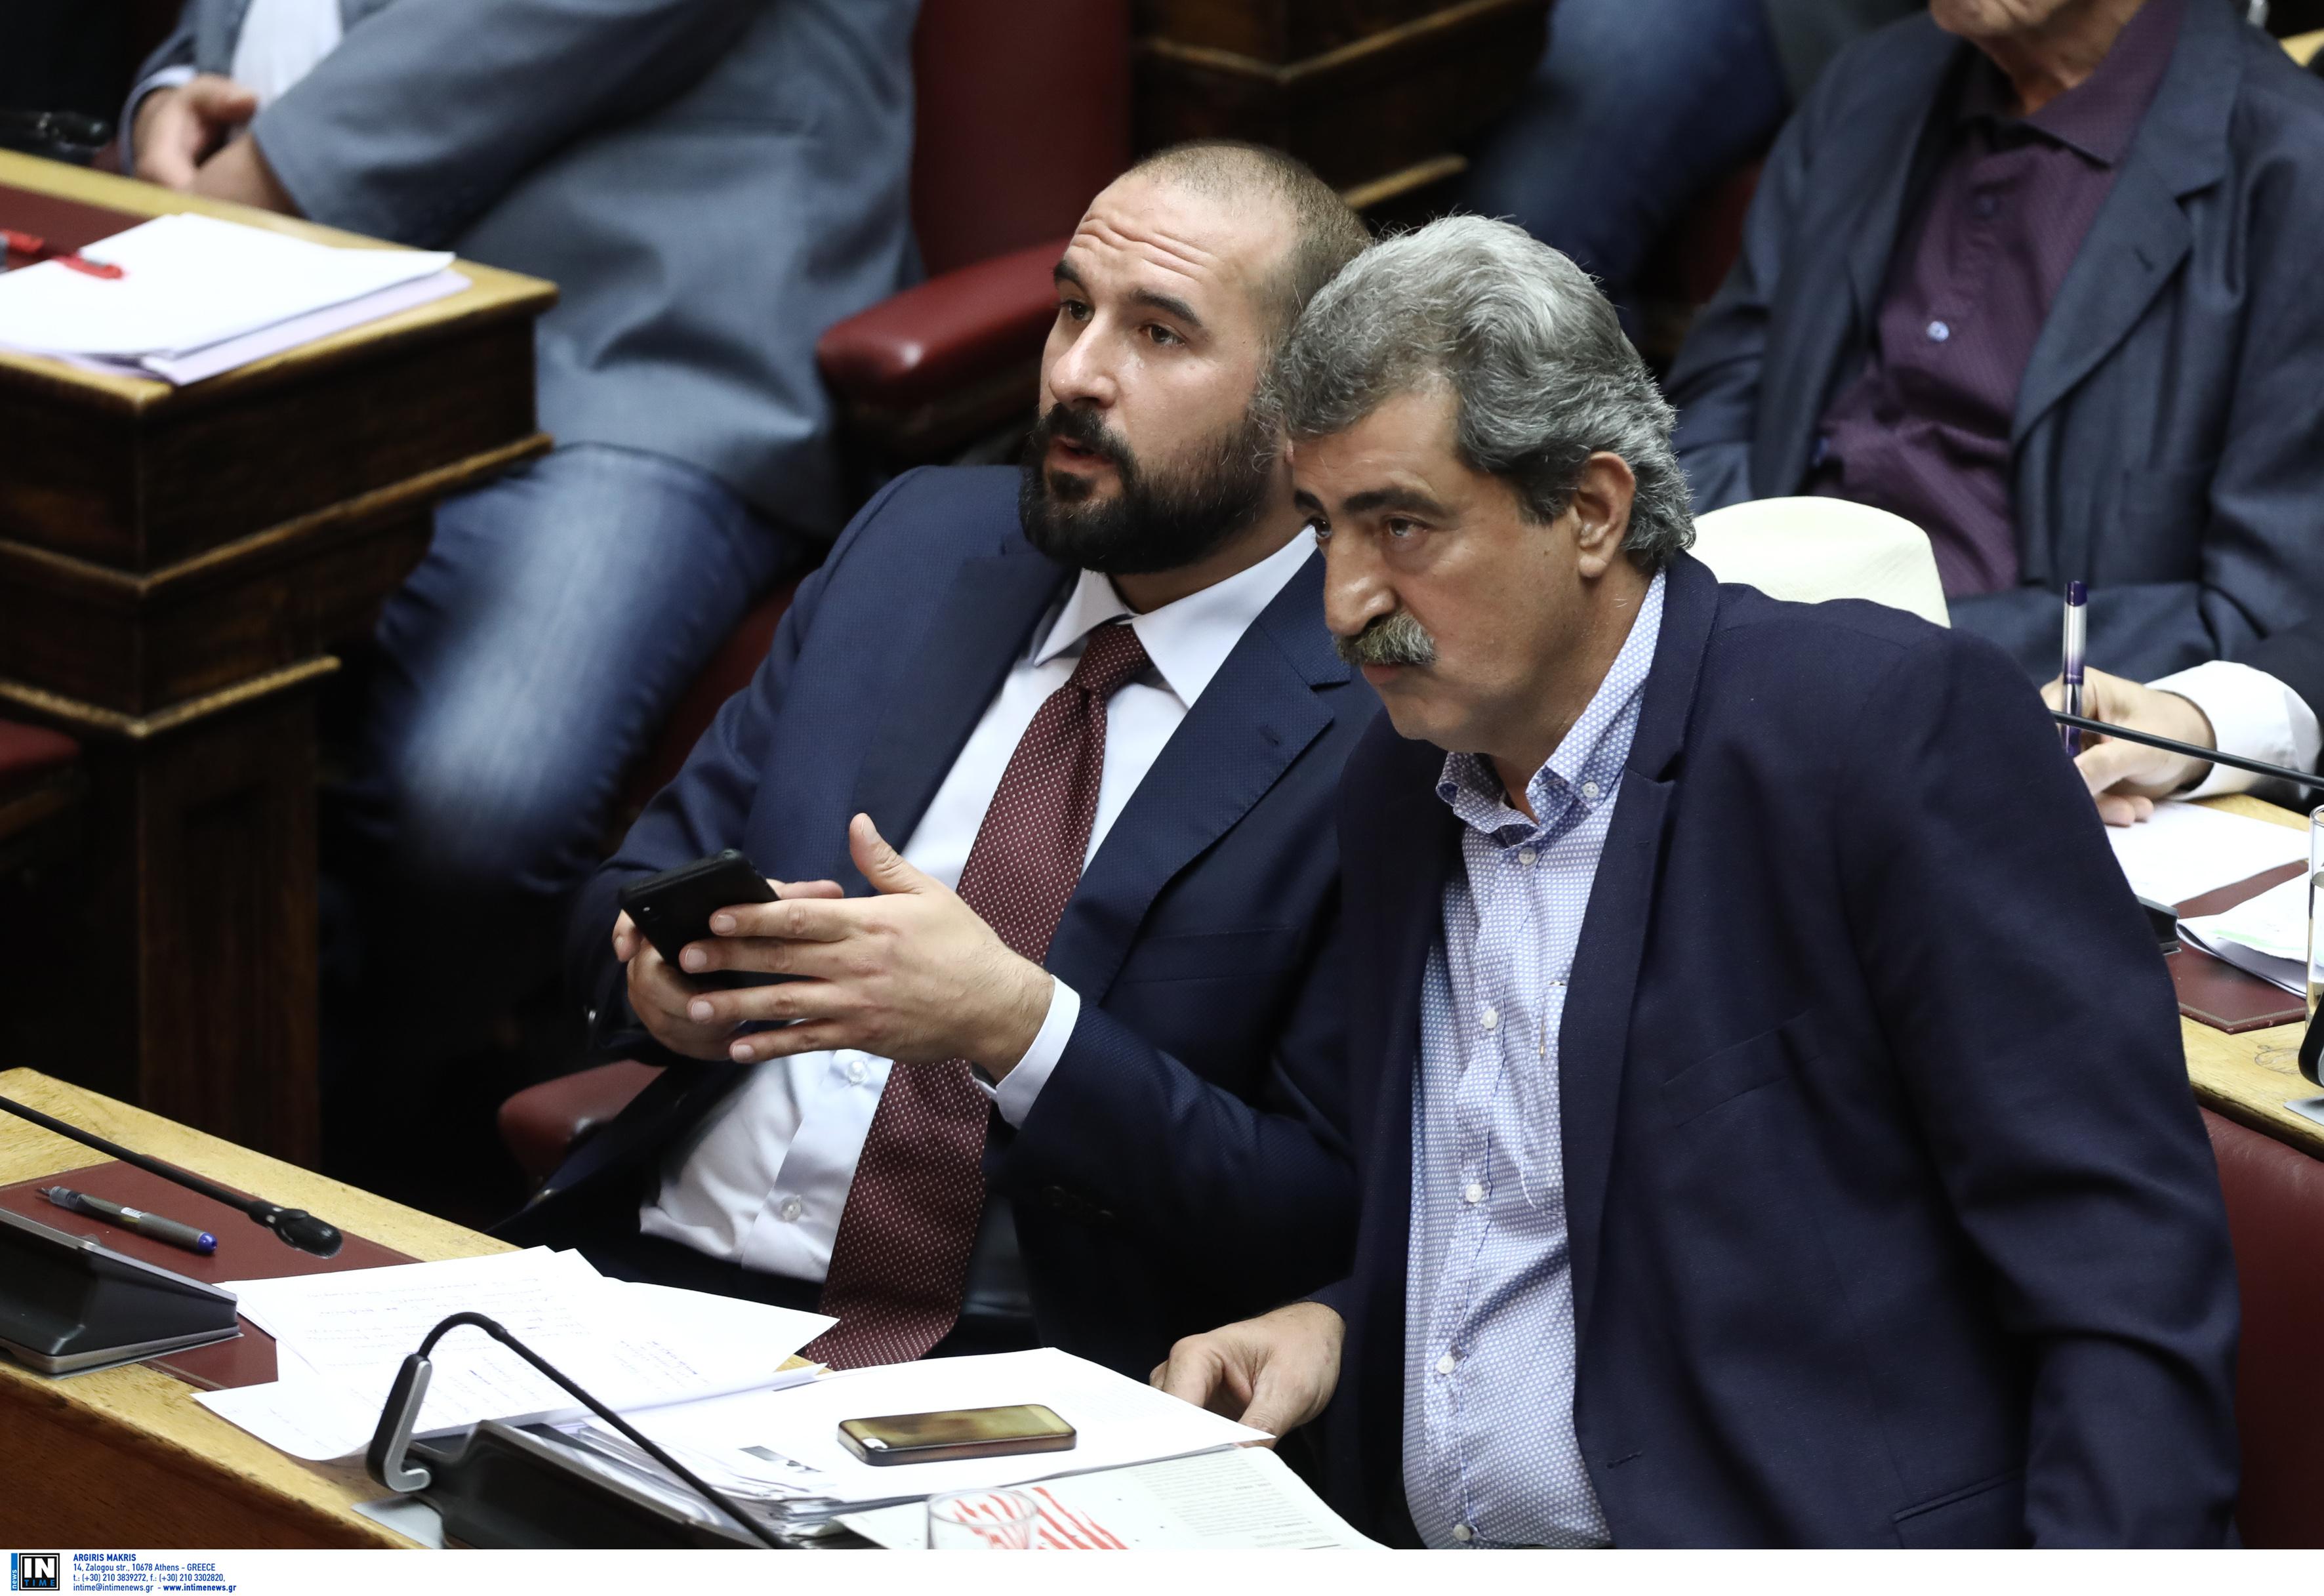 Αναβλήθηκε η προανακριτική για Novartis – Αρνήθηκαν να βγουν Τζανακόπουλος και Πολάκης